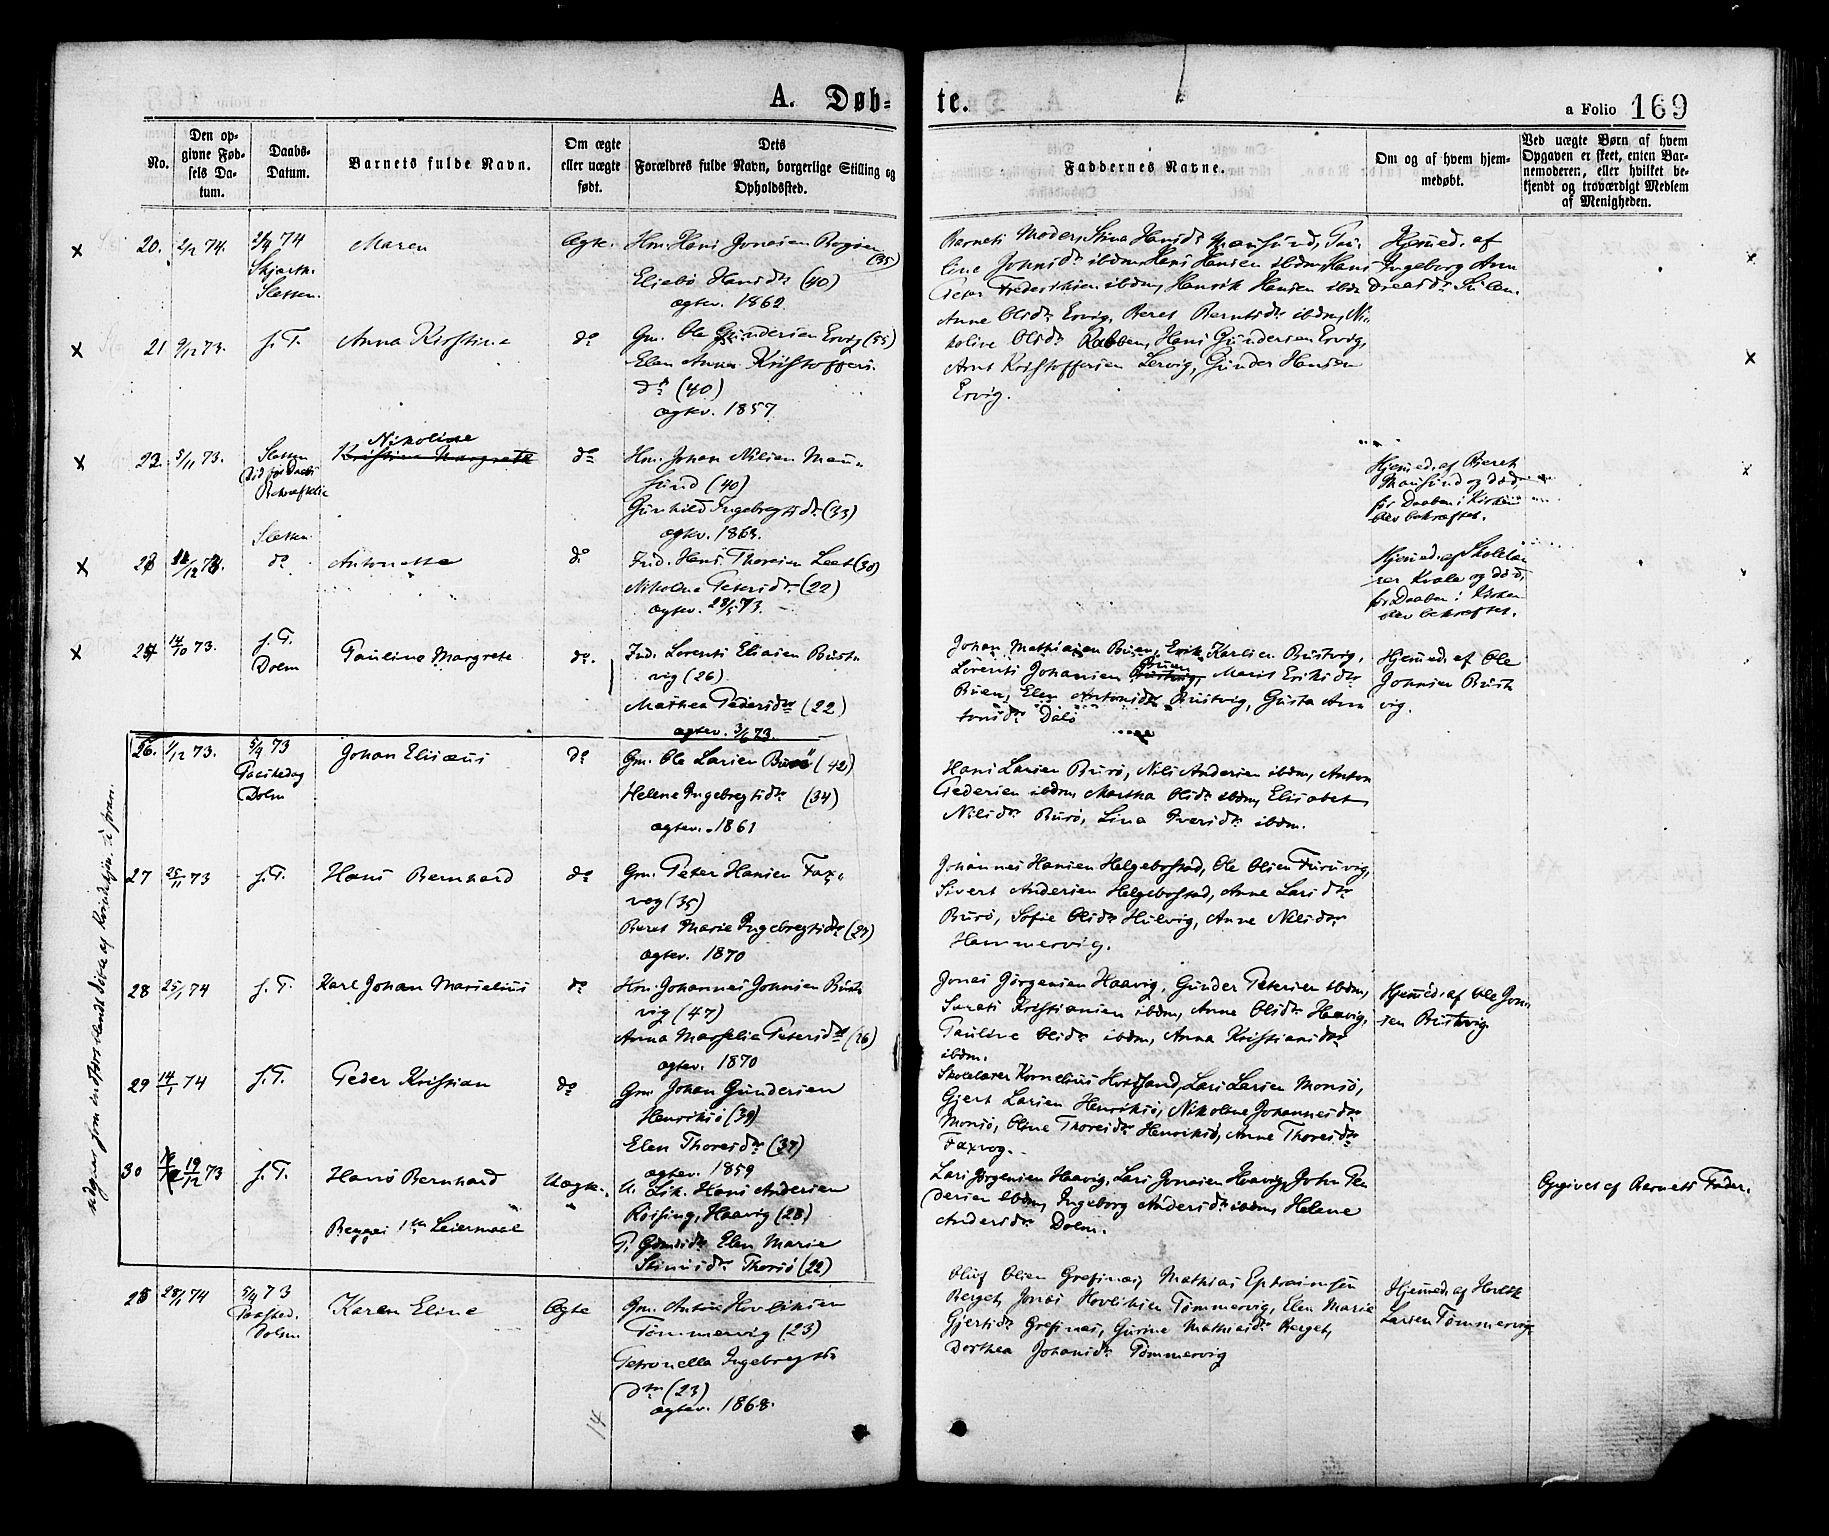 SAT, Ministerialprotokoller, klokkerbøker og fødselsregistre - Sør-Trøndelag, 634/L0532: Ministerialbok nr. 634A08, 1871-1881, s. 169